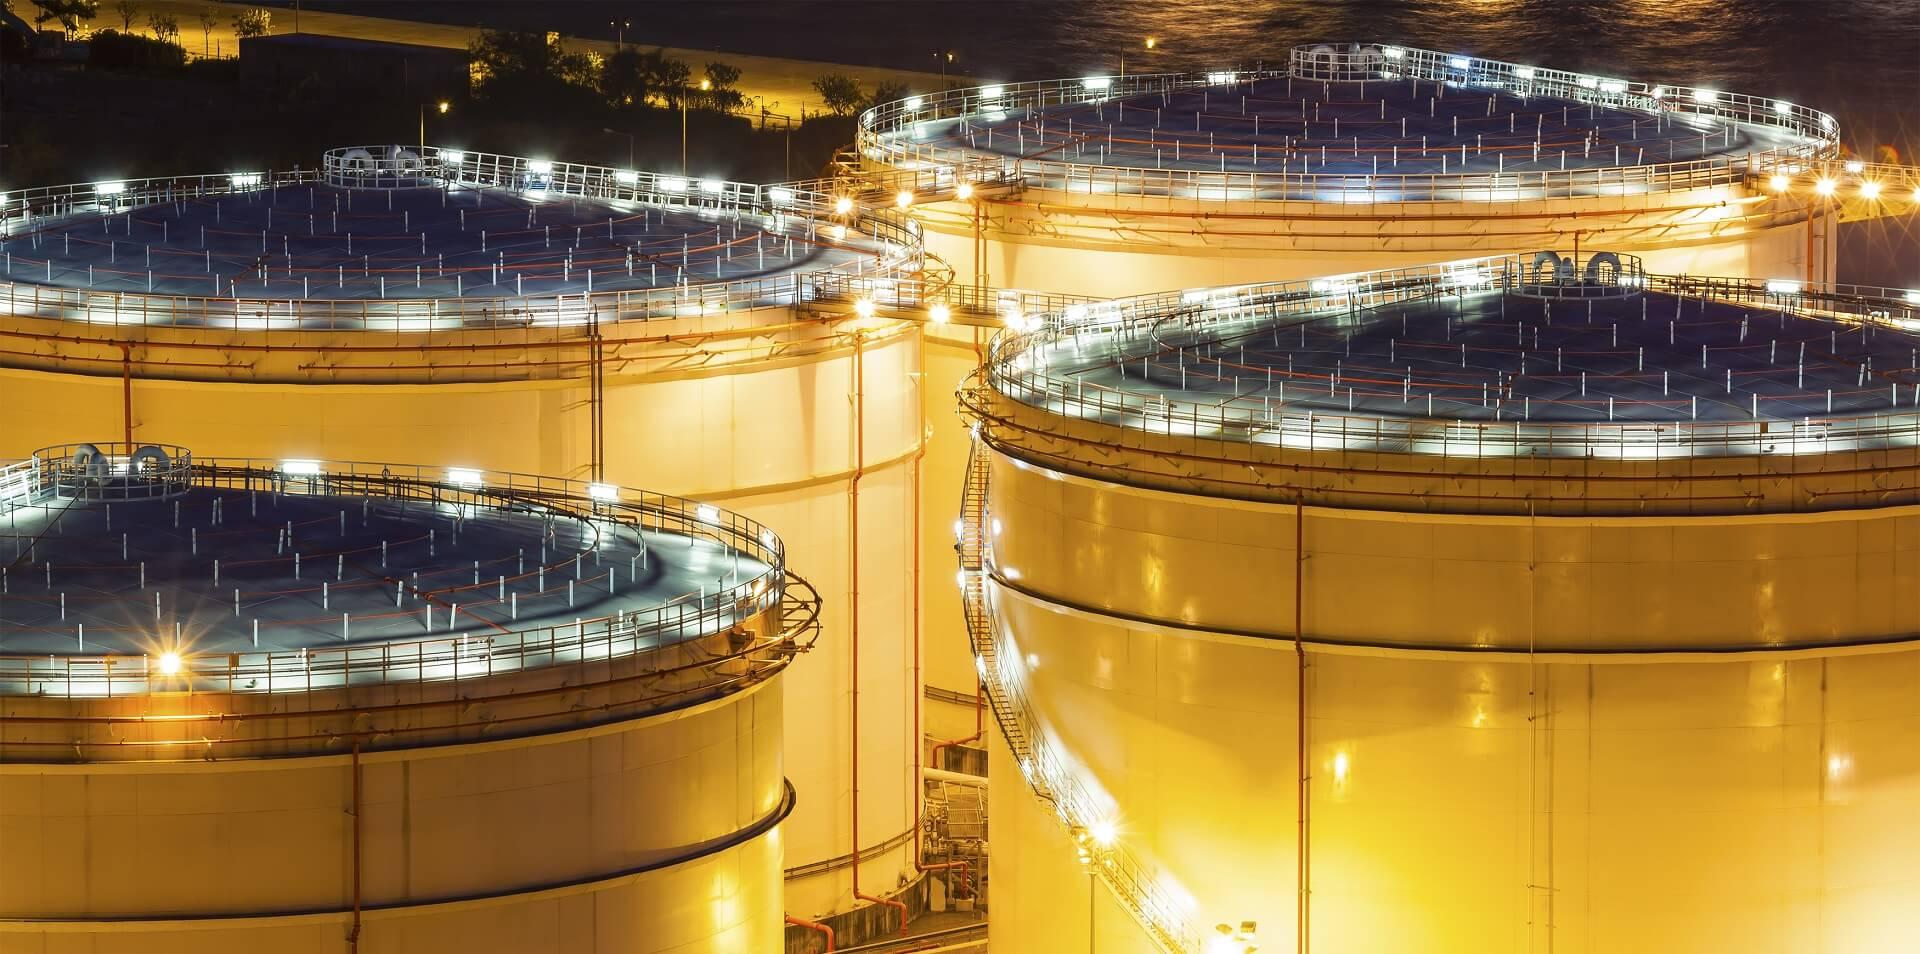 Cataly - Energie, Olie en Gas